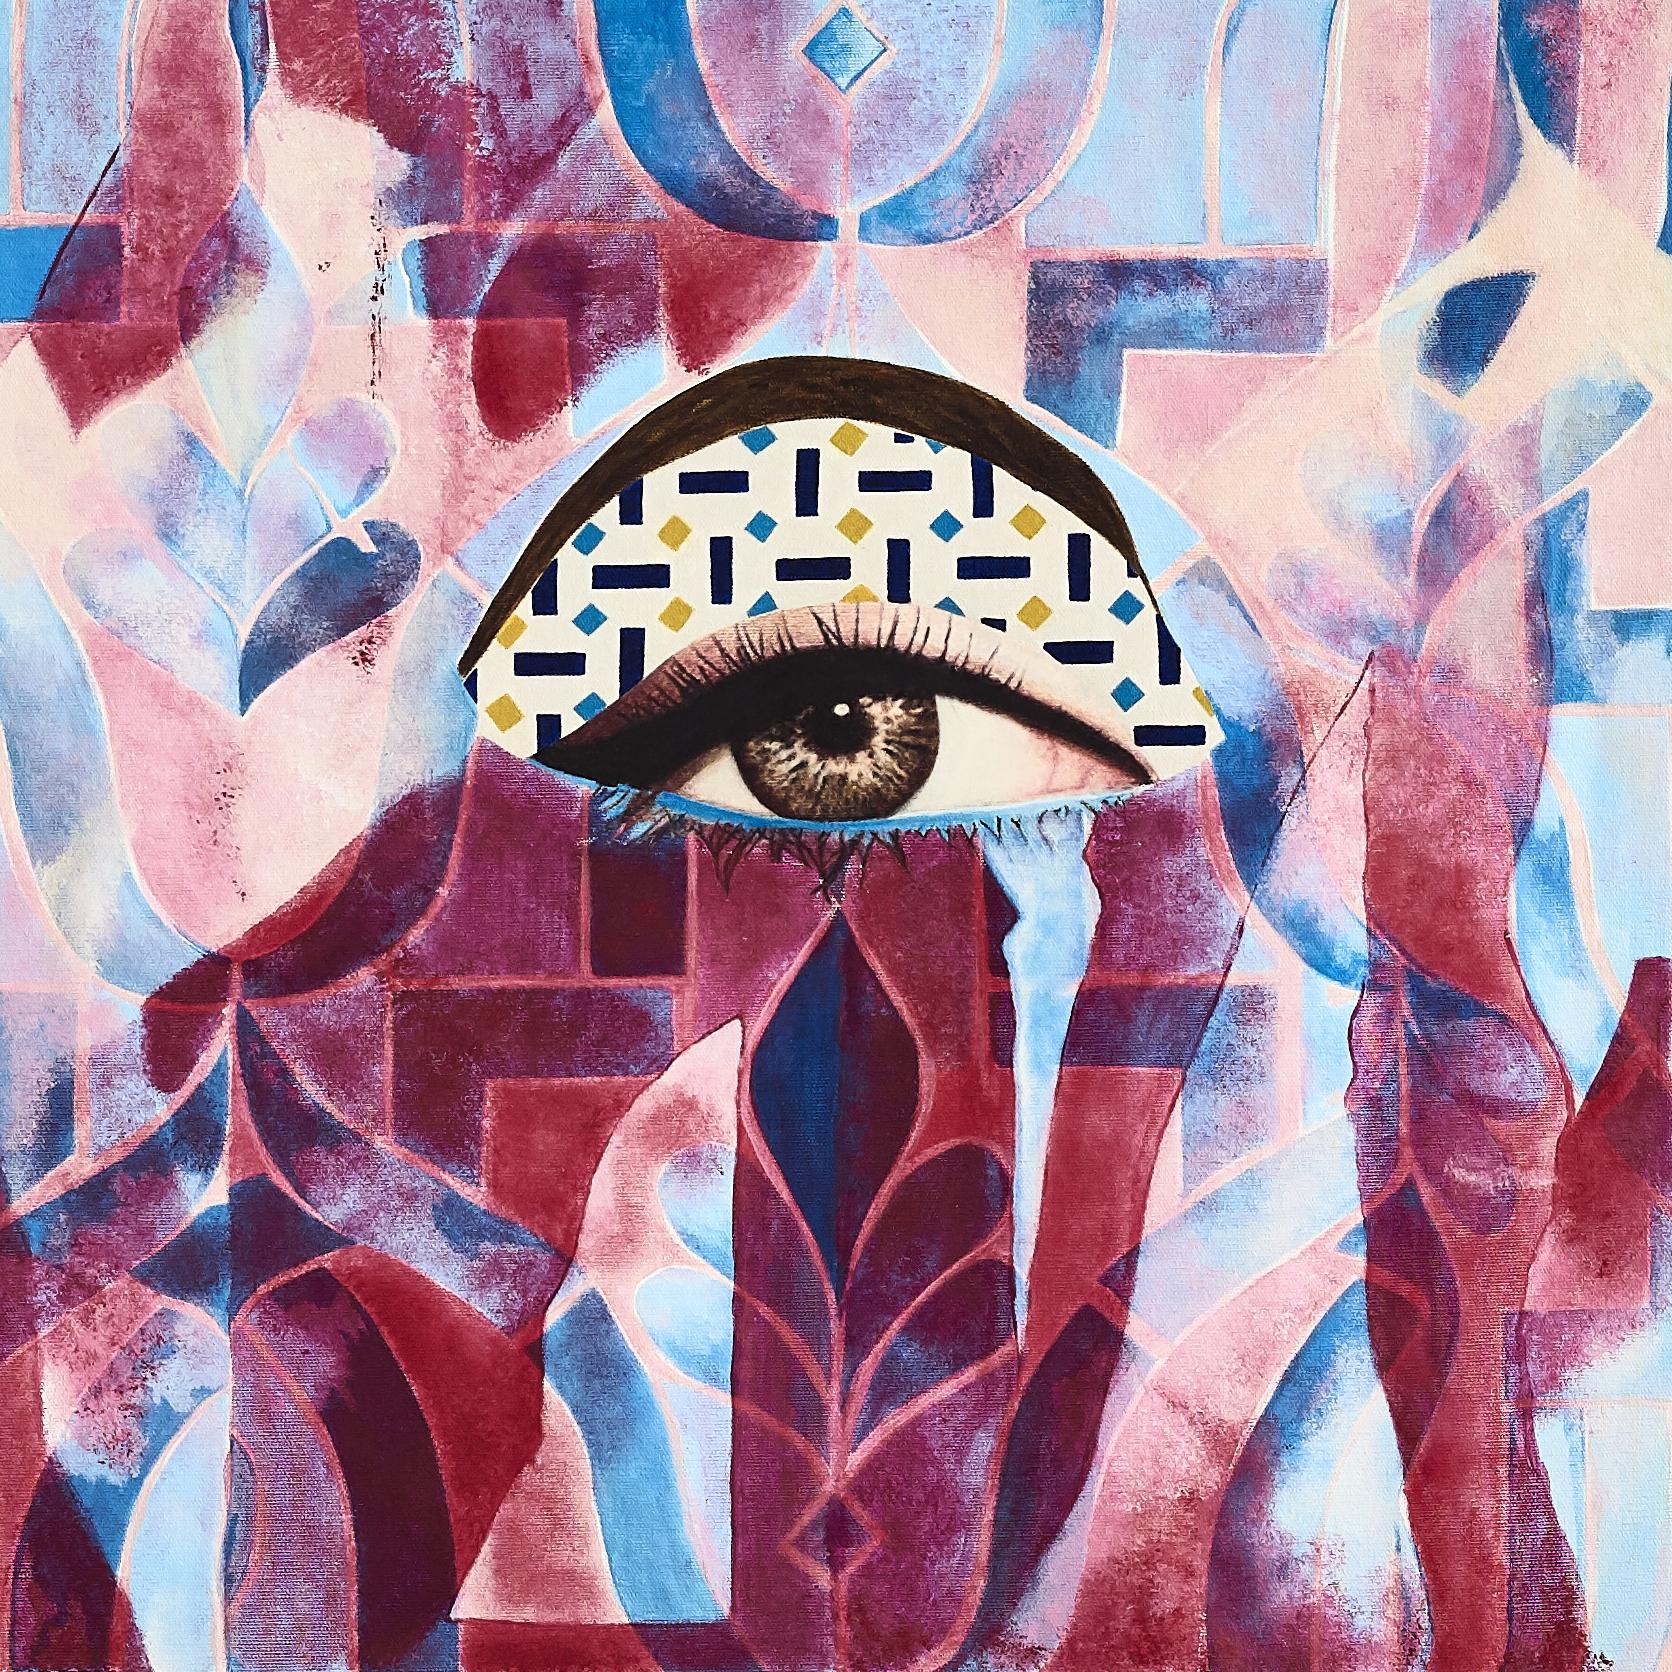 Evil Eye  2018-19 Acrylic, mixed medium on canvas 50x50 cm